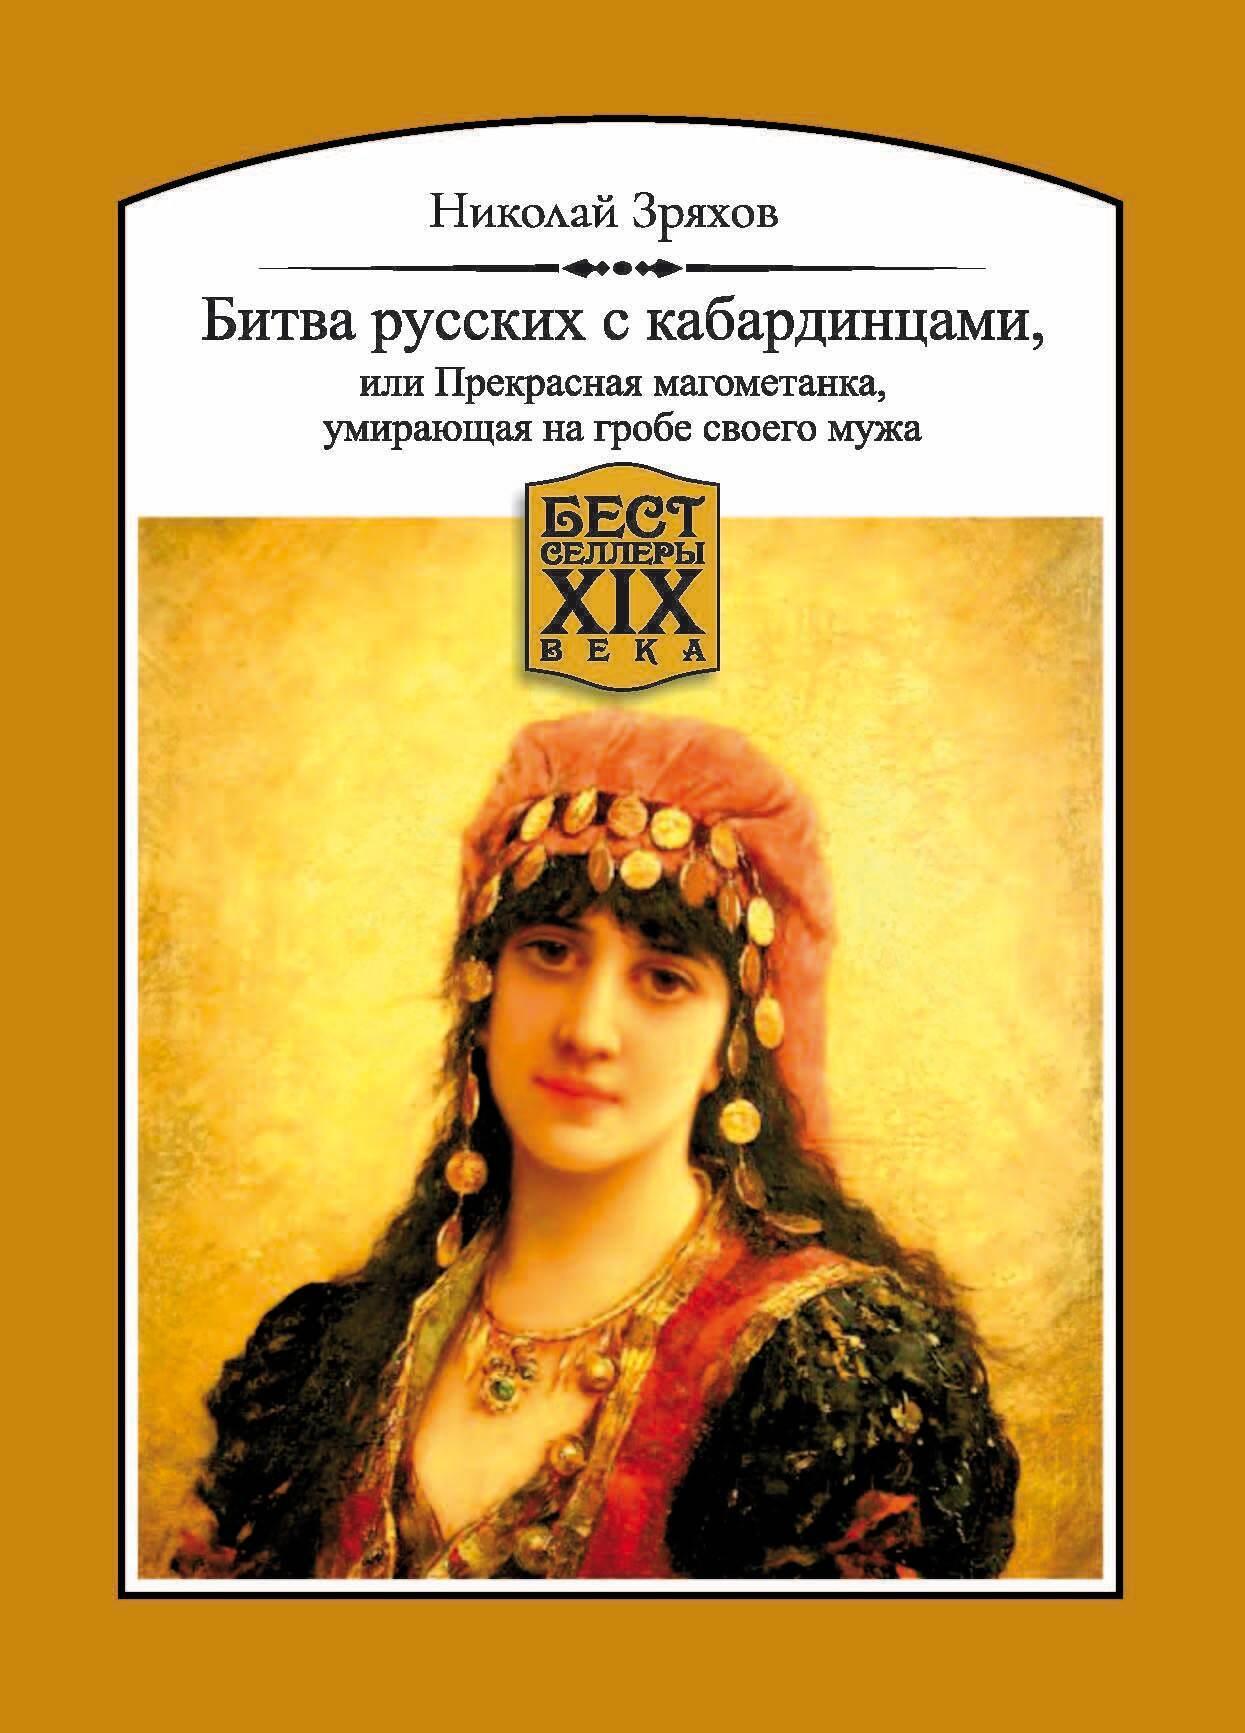 Купить книгу Битва русских с кабардинцами, или Прекрасная магометанка, умирающая на гробе своего мужа, автора Николая Ильича Зряхова